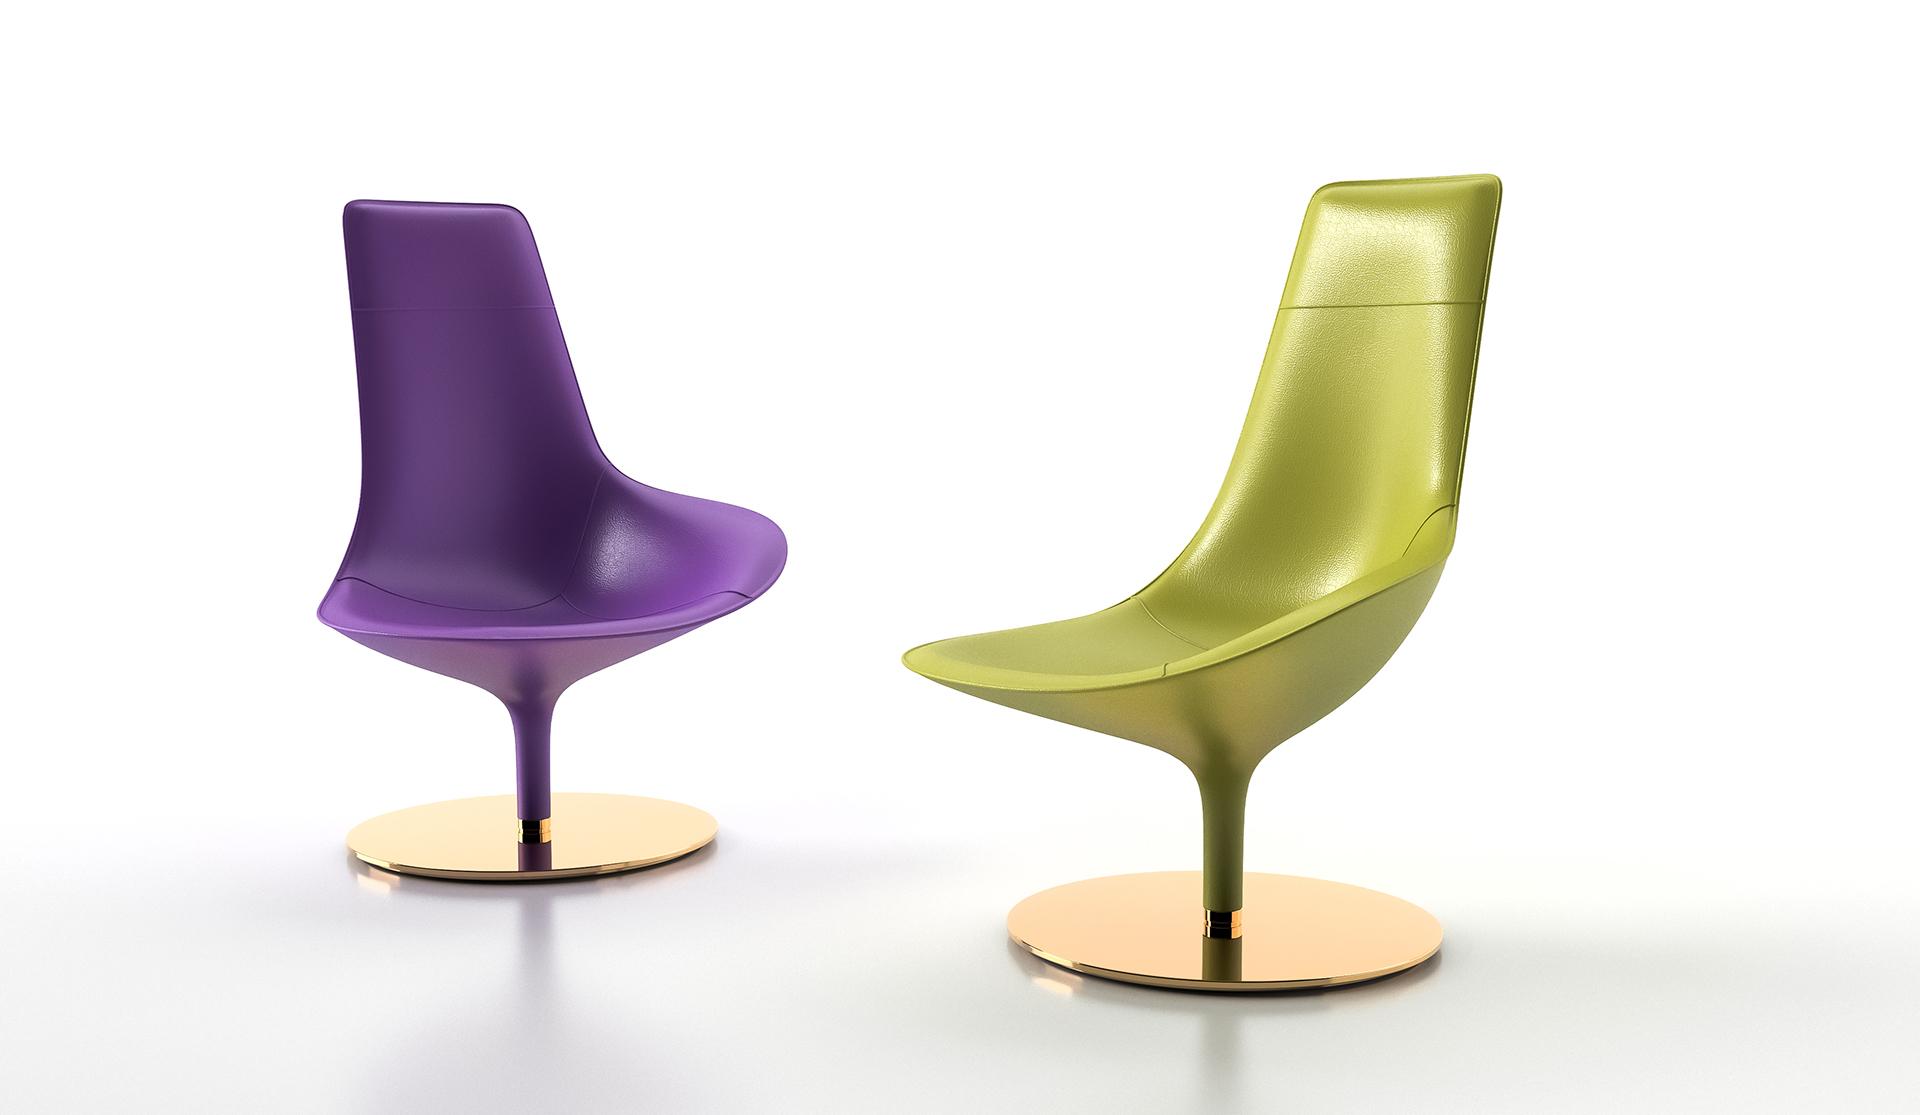 Venus armchair by Versace Home